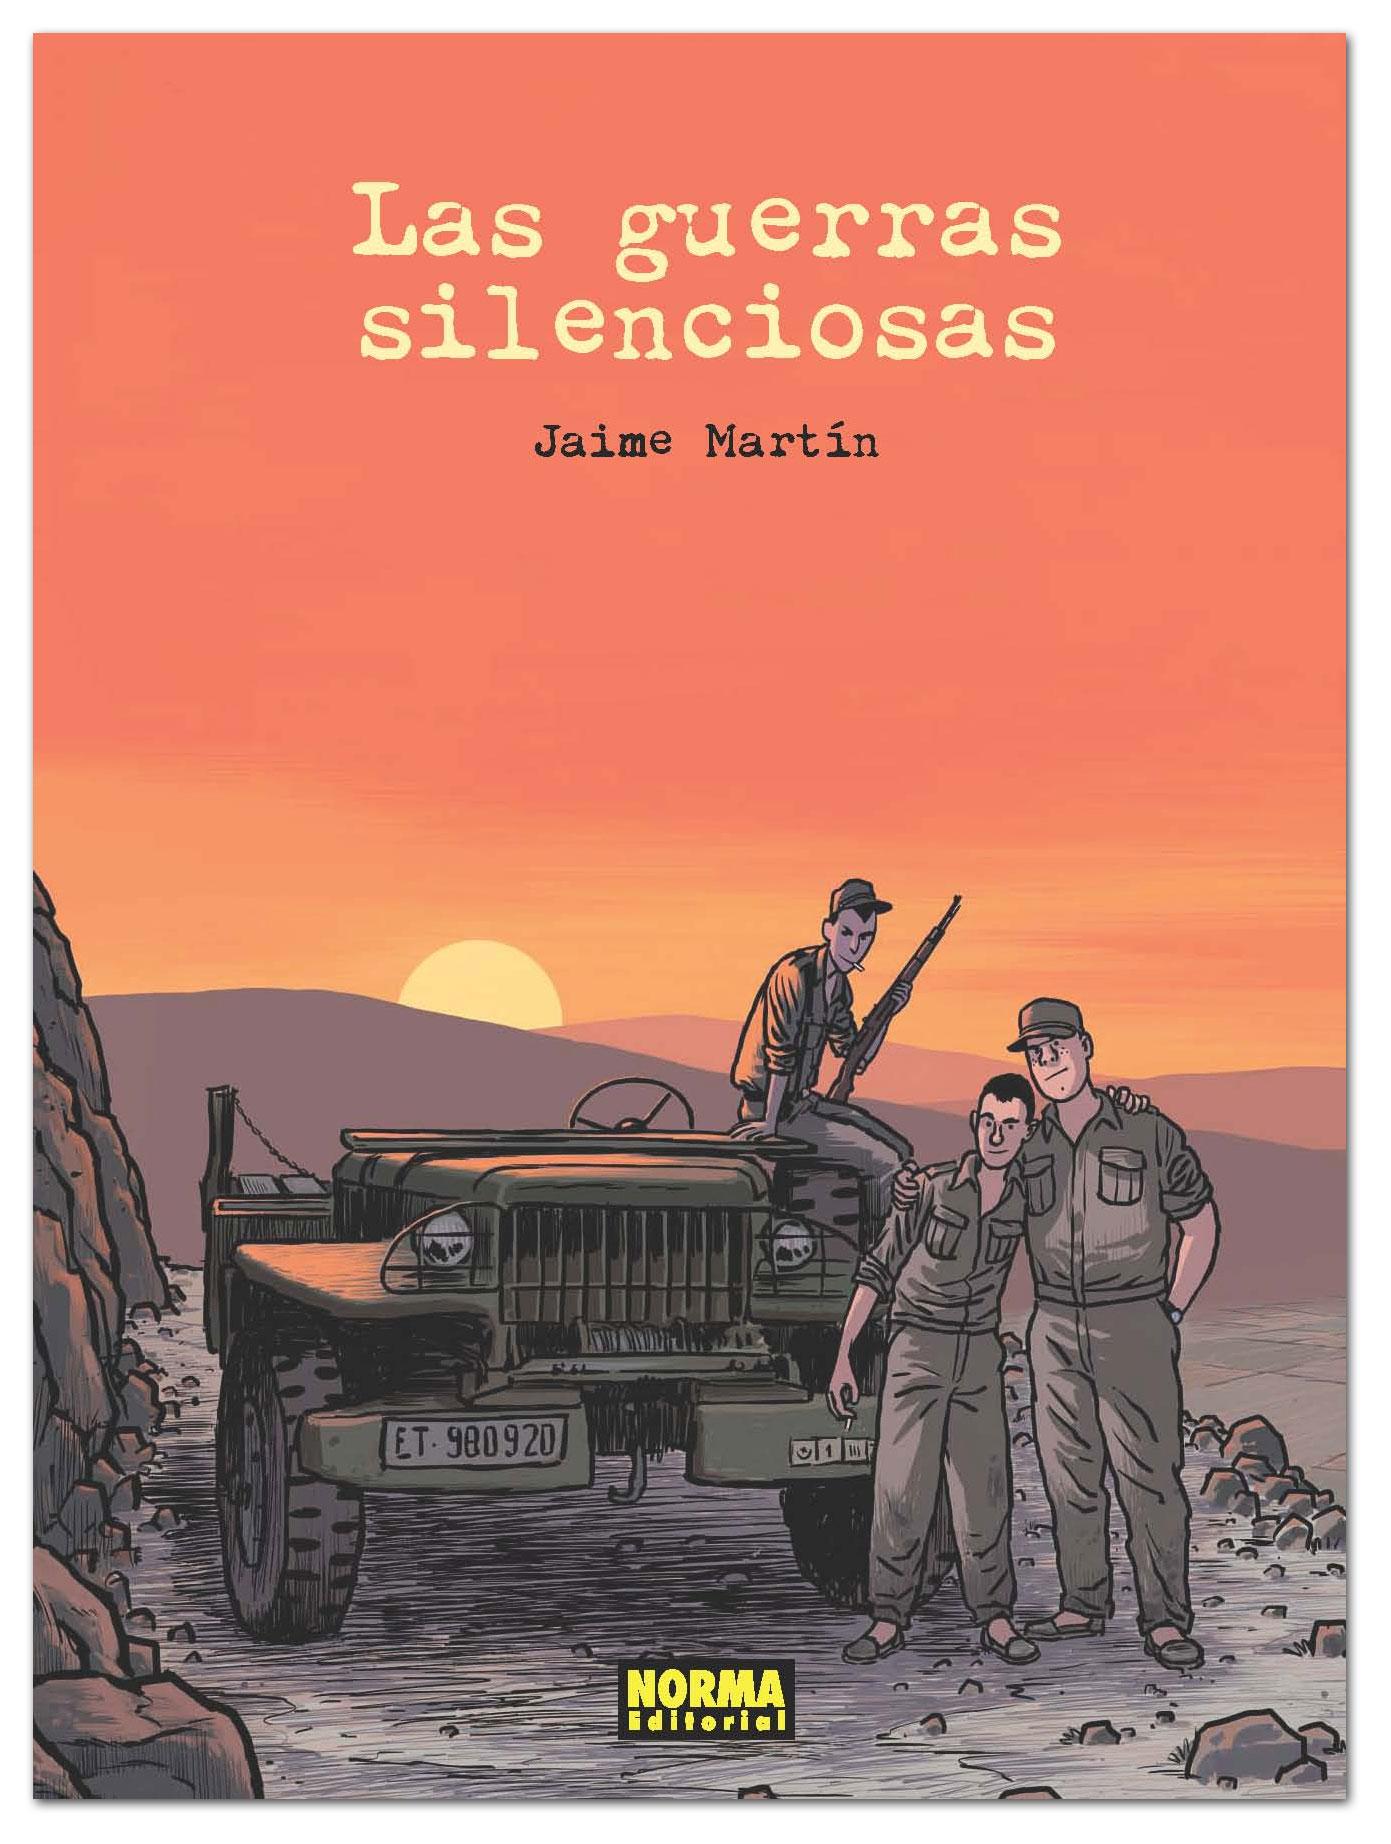 Las guerras silenciosas - Jaime Martin